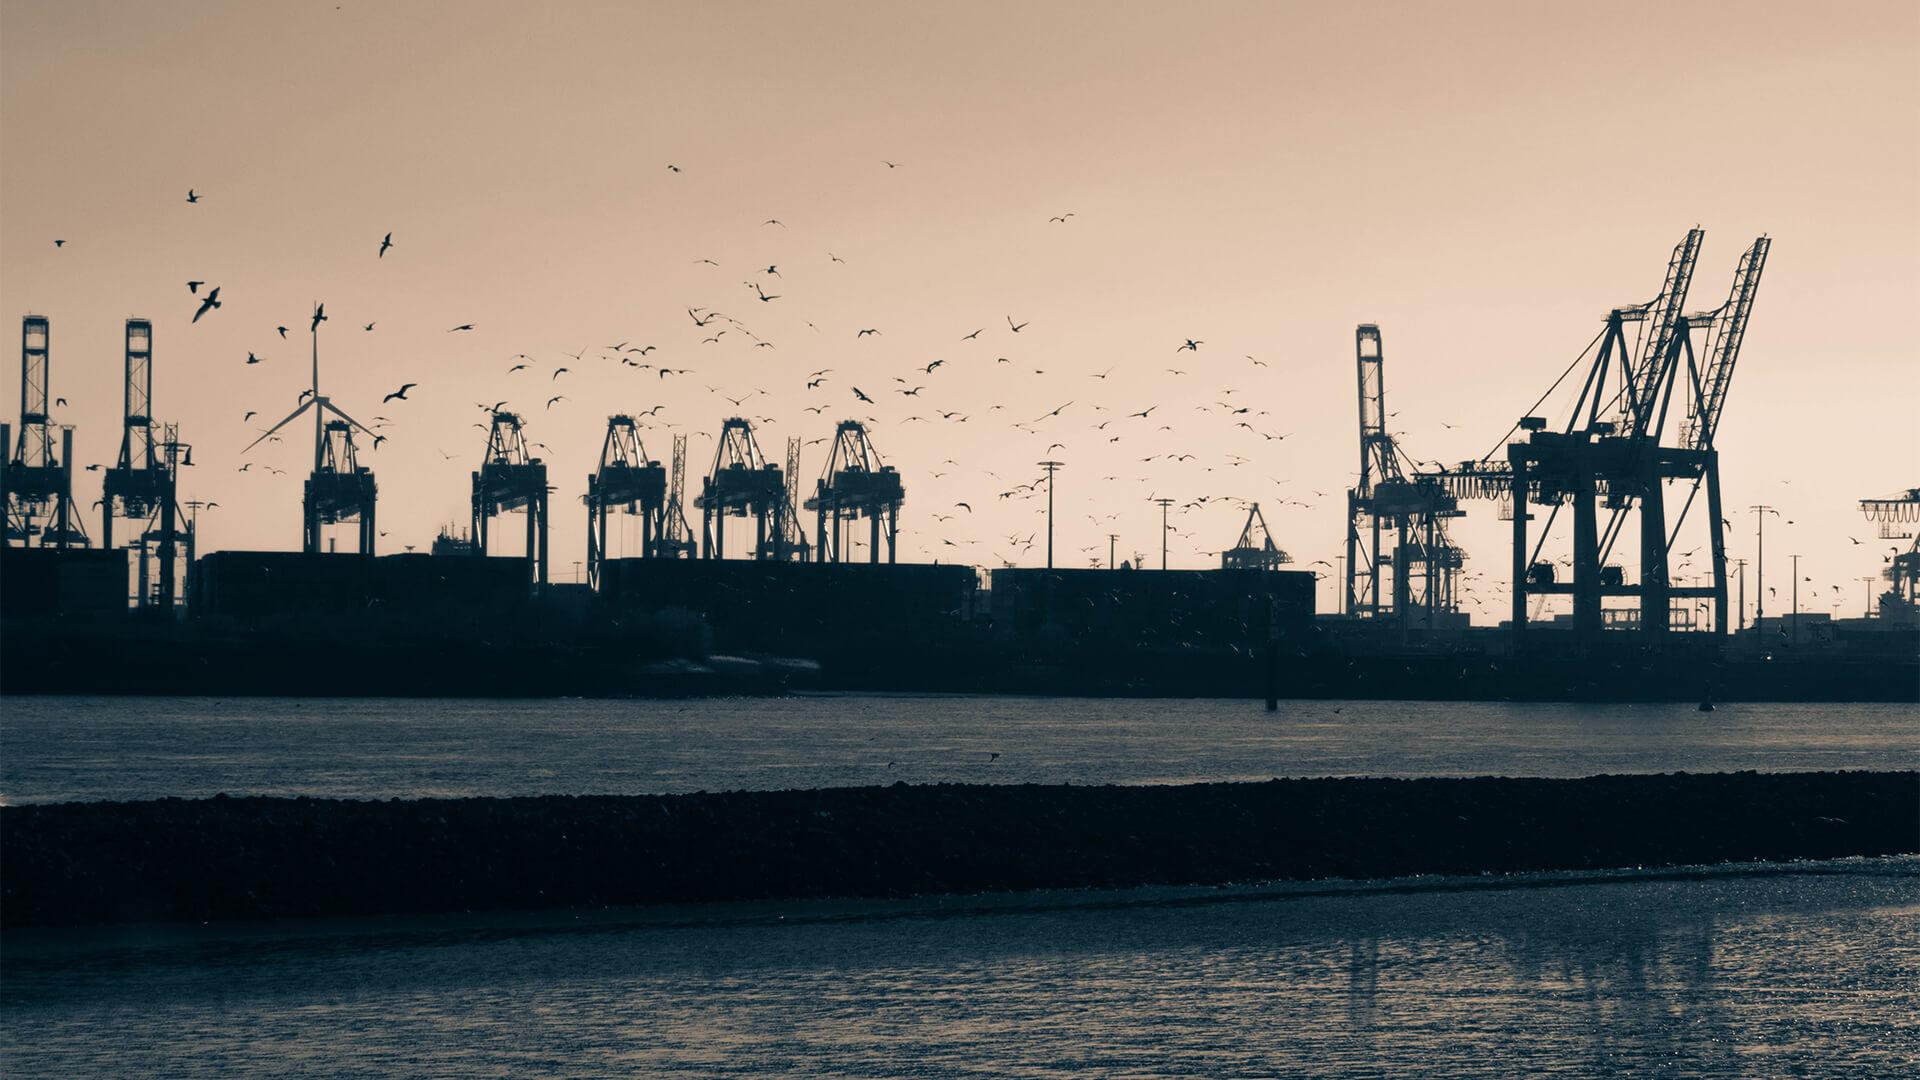 Bild des Hamburger Hafens